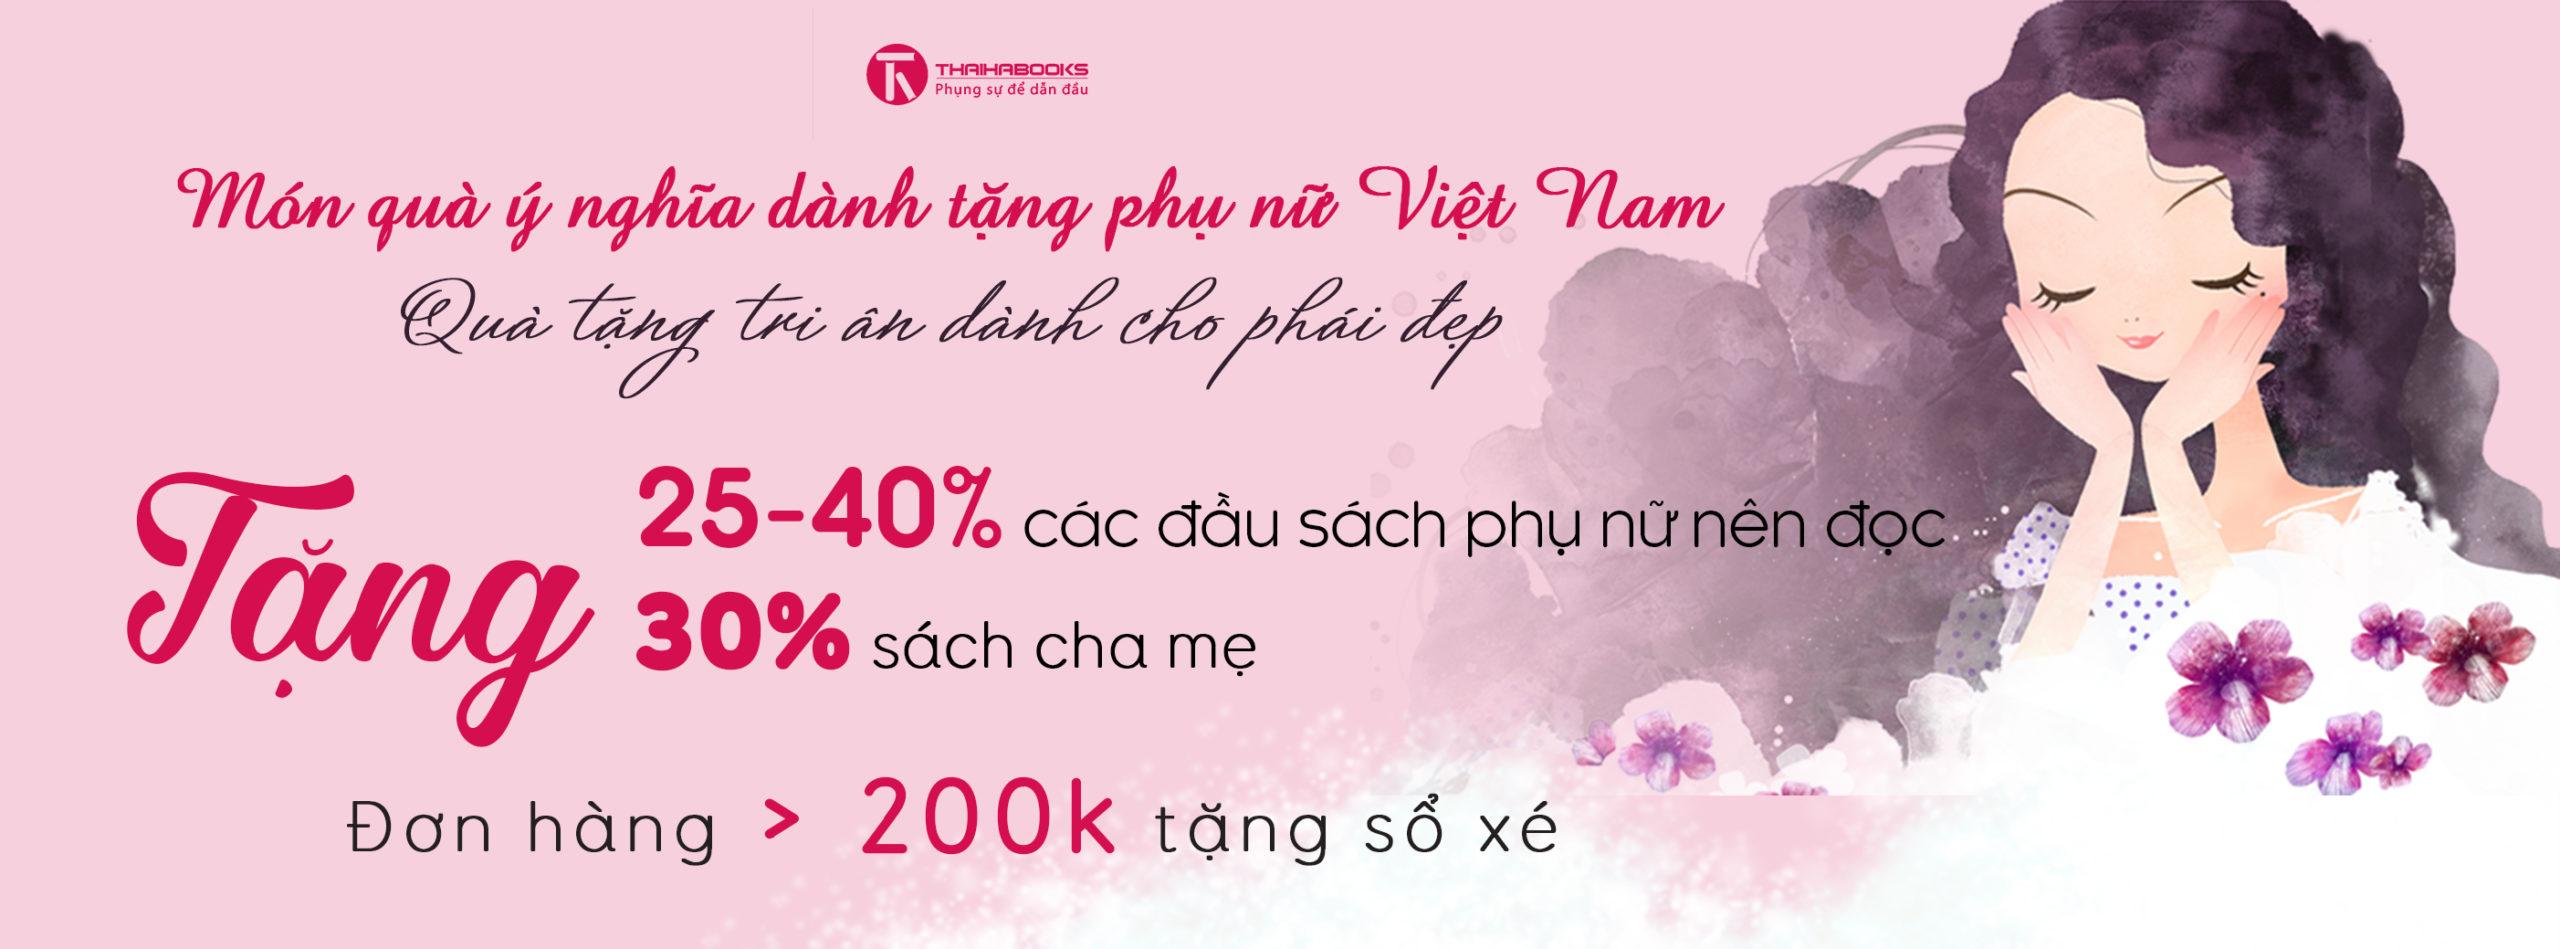 Món quà ý nghĩa dành tặng phụ nữ Việt Nam nhân dịp 20.10